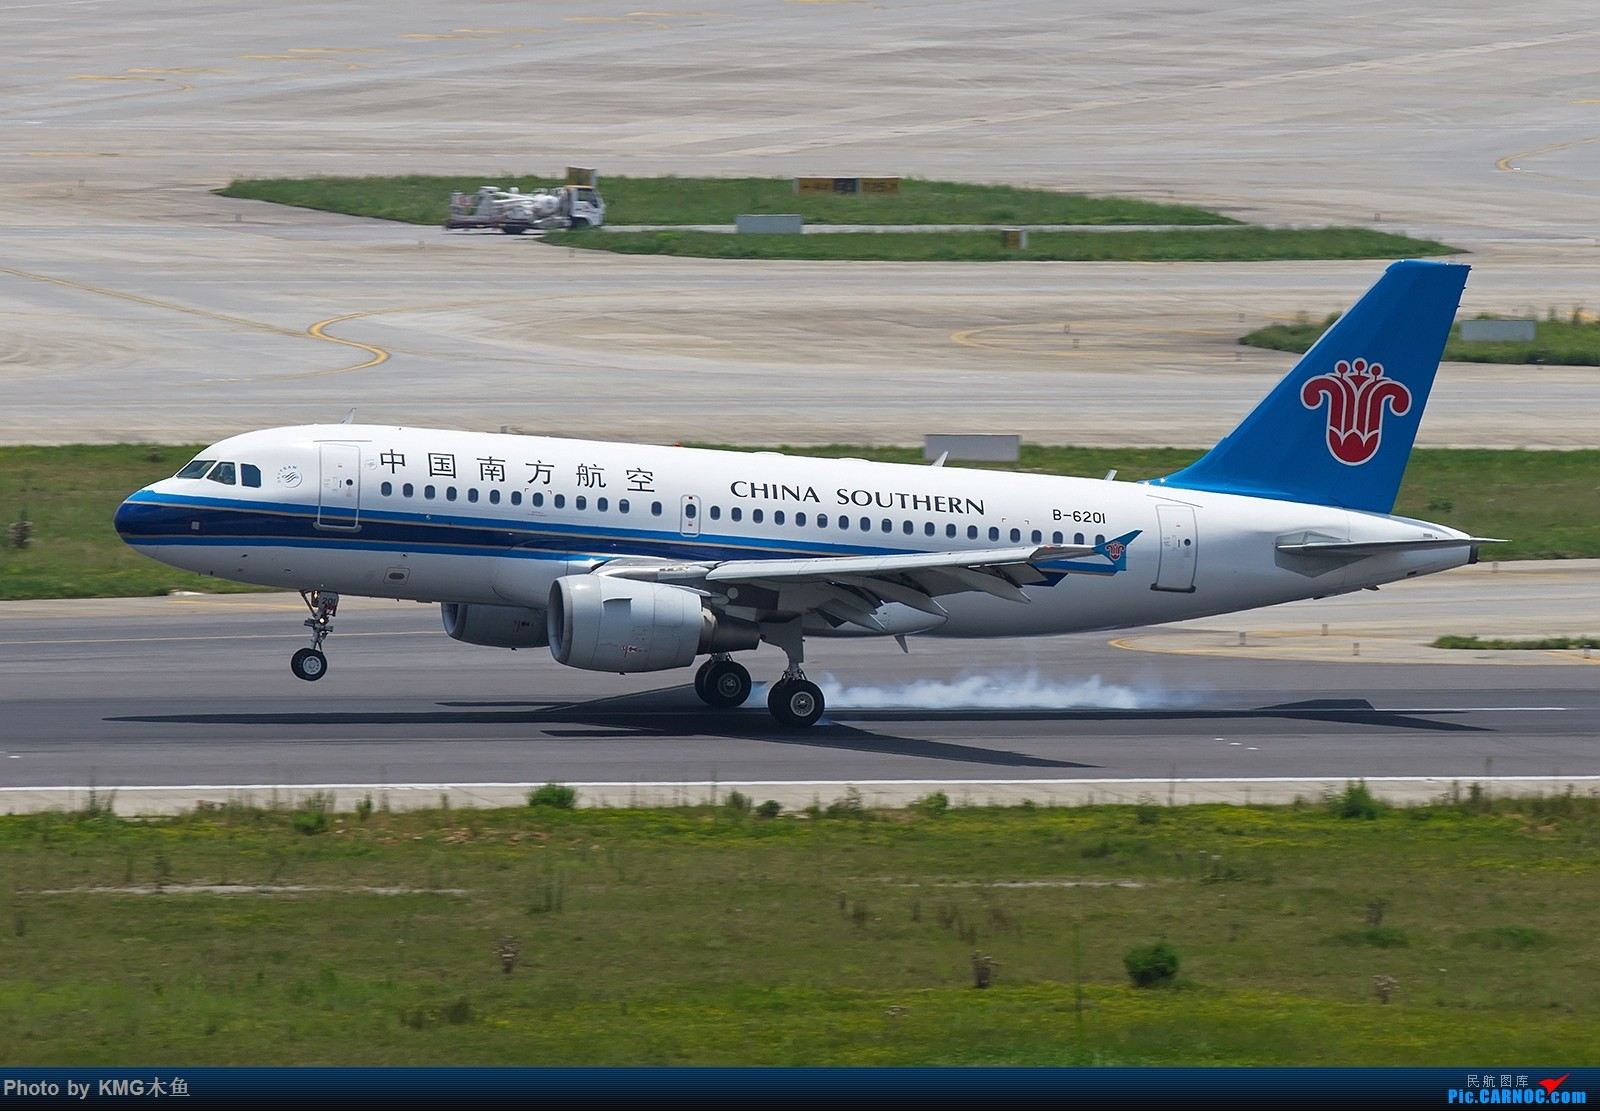 Re:[原创]【昆明长水国际机场——KMG木鱼拍机】第一次大中午的拍飞机,还好宽体比较多,也算是值得了 AIRBUS A319-100 B-6201 中国昆明长水国际机场